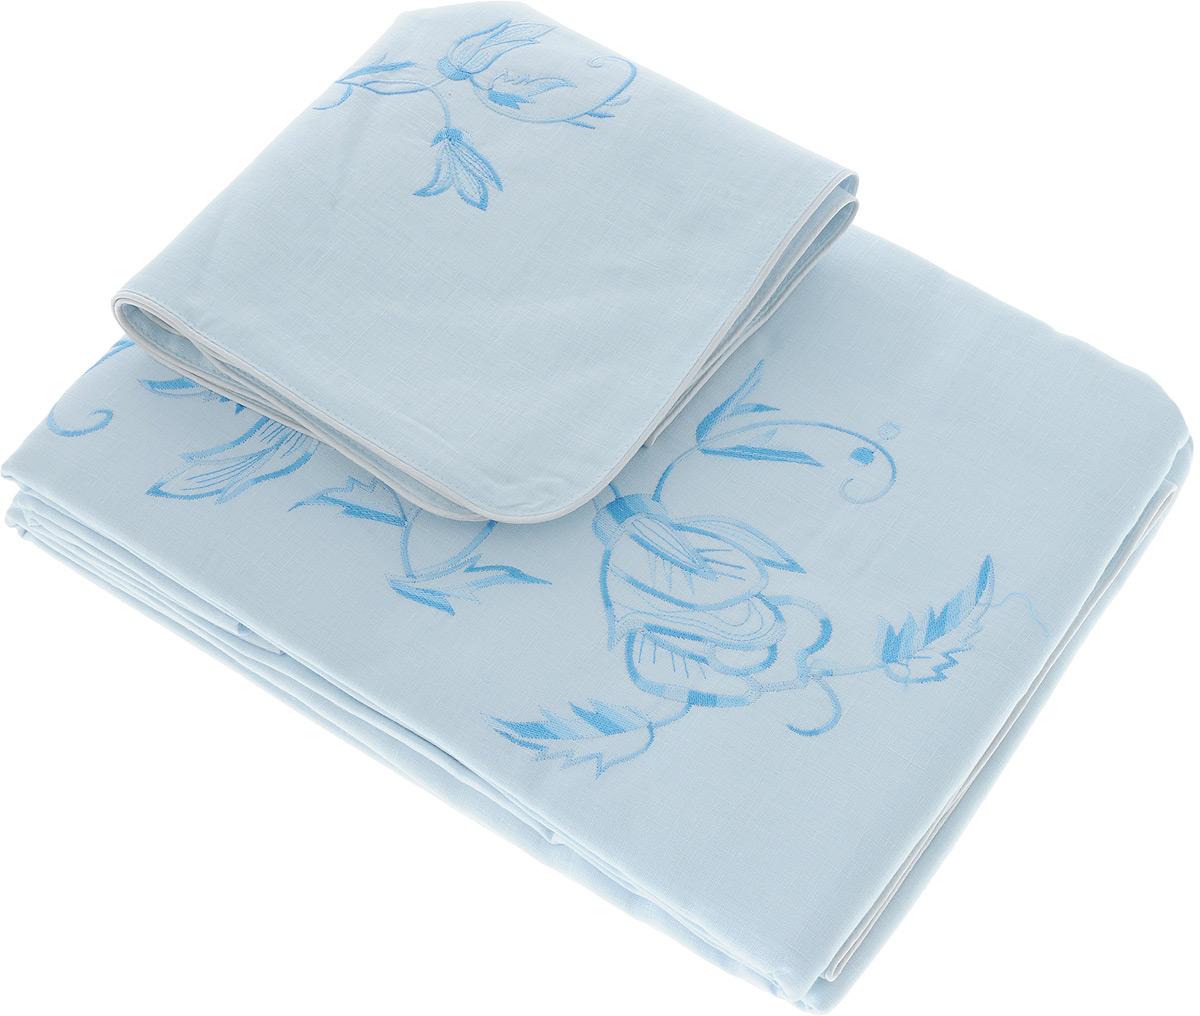 Комплект белья Гаврилов-Ямский Лен, 2-спальный, наволочки 70х70, цвет: голубой, синийFD-59Комплект постельного белья Гаврилов-Ямский Лен выполнен из 100% льна. Комплект состоит из пододеяльника, простыни и двух наволочек. Постельное белье, оформленное вышивкой и кантом, имеет изысканный внешний вид.Лен - поистине уникальный природный материал, экологичнее которого сложно придумать. Постельное белье из льнадаст вам ощущение прохлады в жаркую ночь и согреет в холода.Приобретая комплект постельного белья Гаврилов-Ямский Лен, вы можете быть уверены в том, что покупка доставит вам и вашим близким удовольствие и подарит максимальный комфорт.